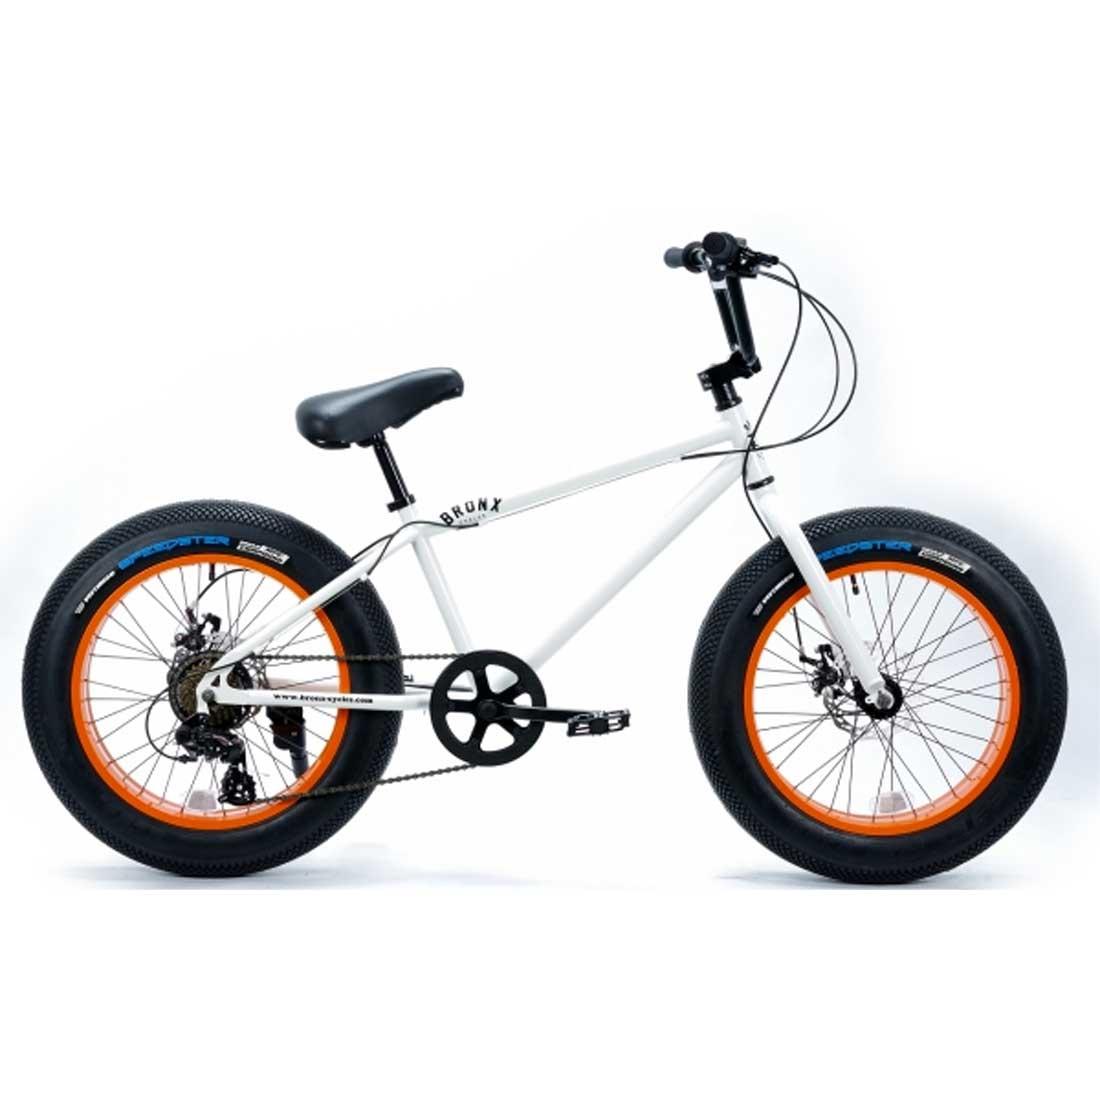 ファットバイク 20インチ 極太タイヤ ミニベロ 変速付 おしゃれ 自転車 通勤 通学 ブロンクスファットバイク 20BRONX-DD グロスホワイト×オレンジリム メンズ レディース